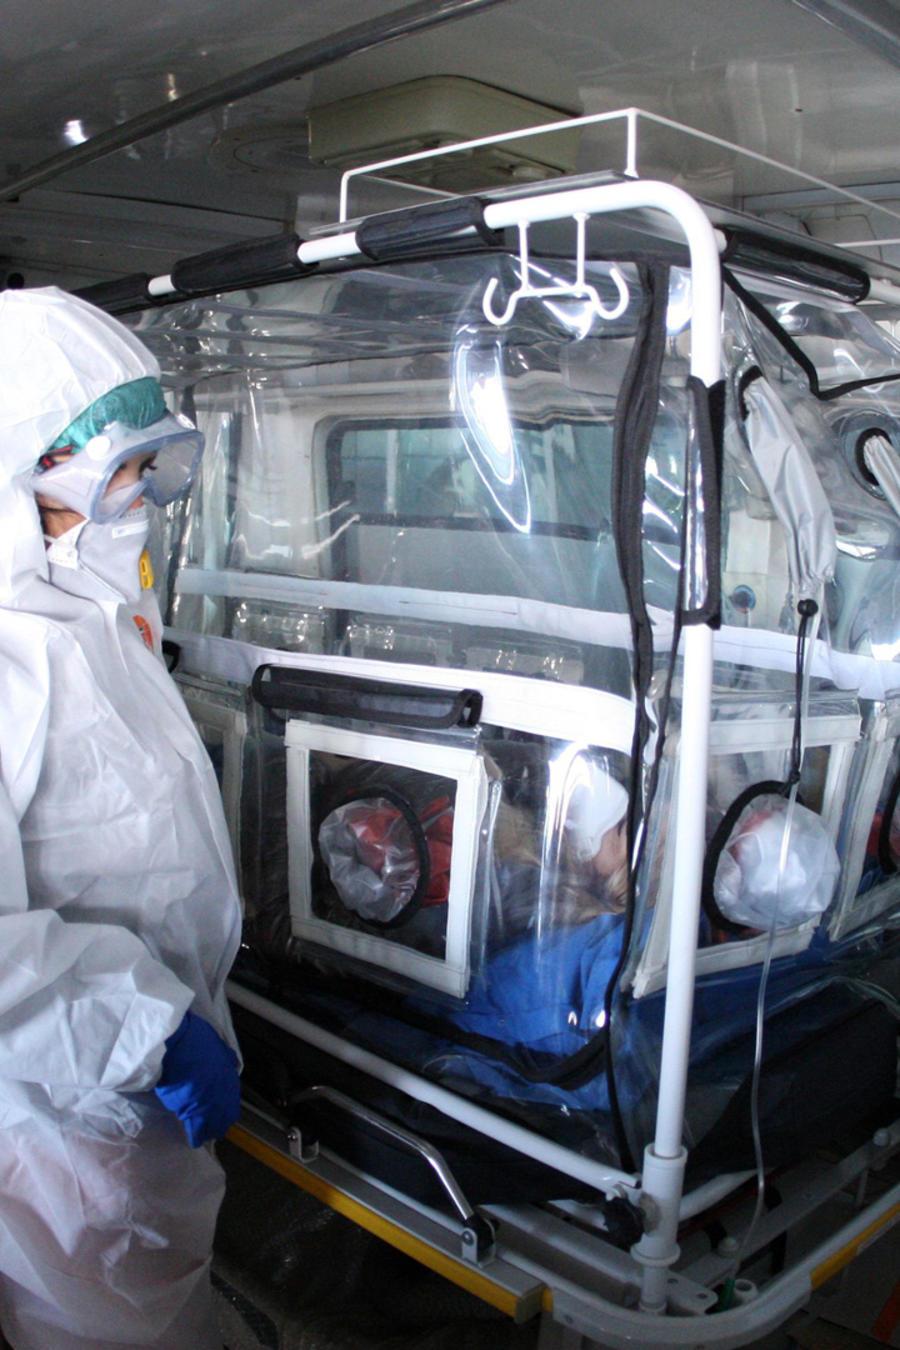 Una paciente tratado en un hospital por posible contagio de coronavirus en una imagen de archivo.